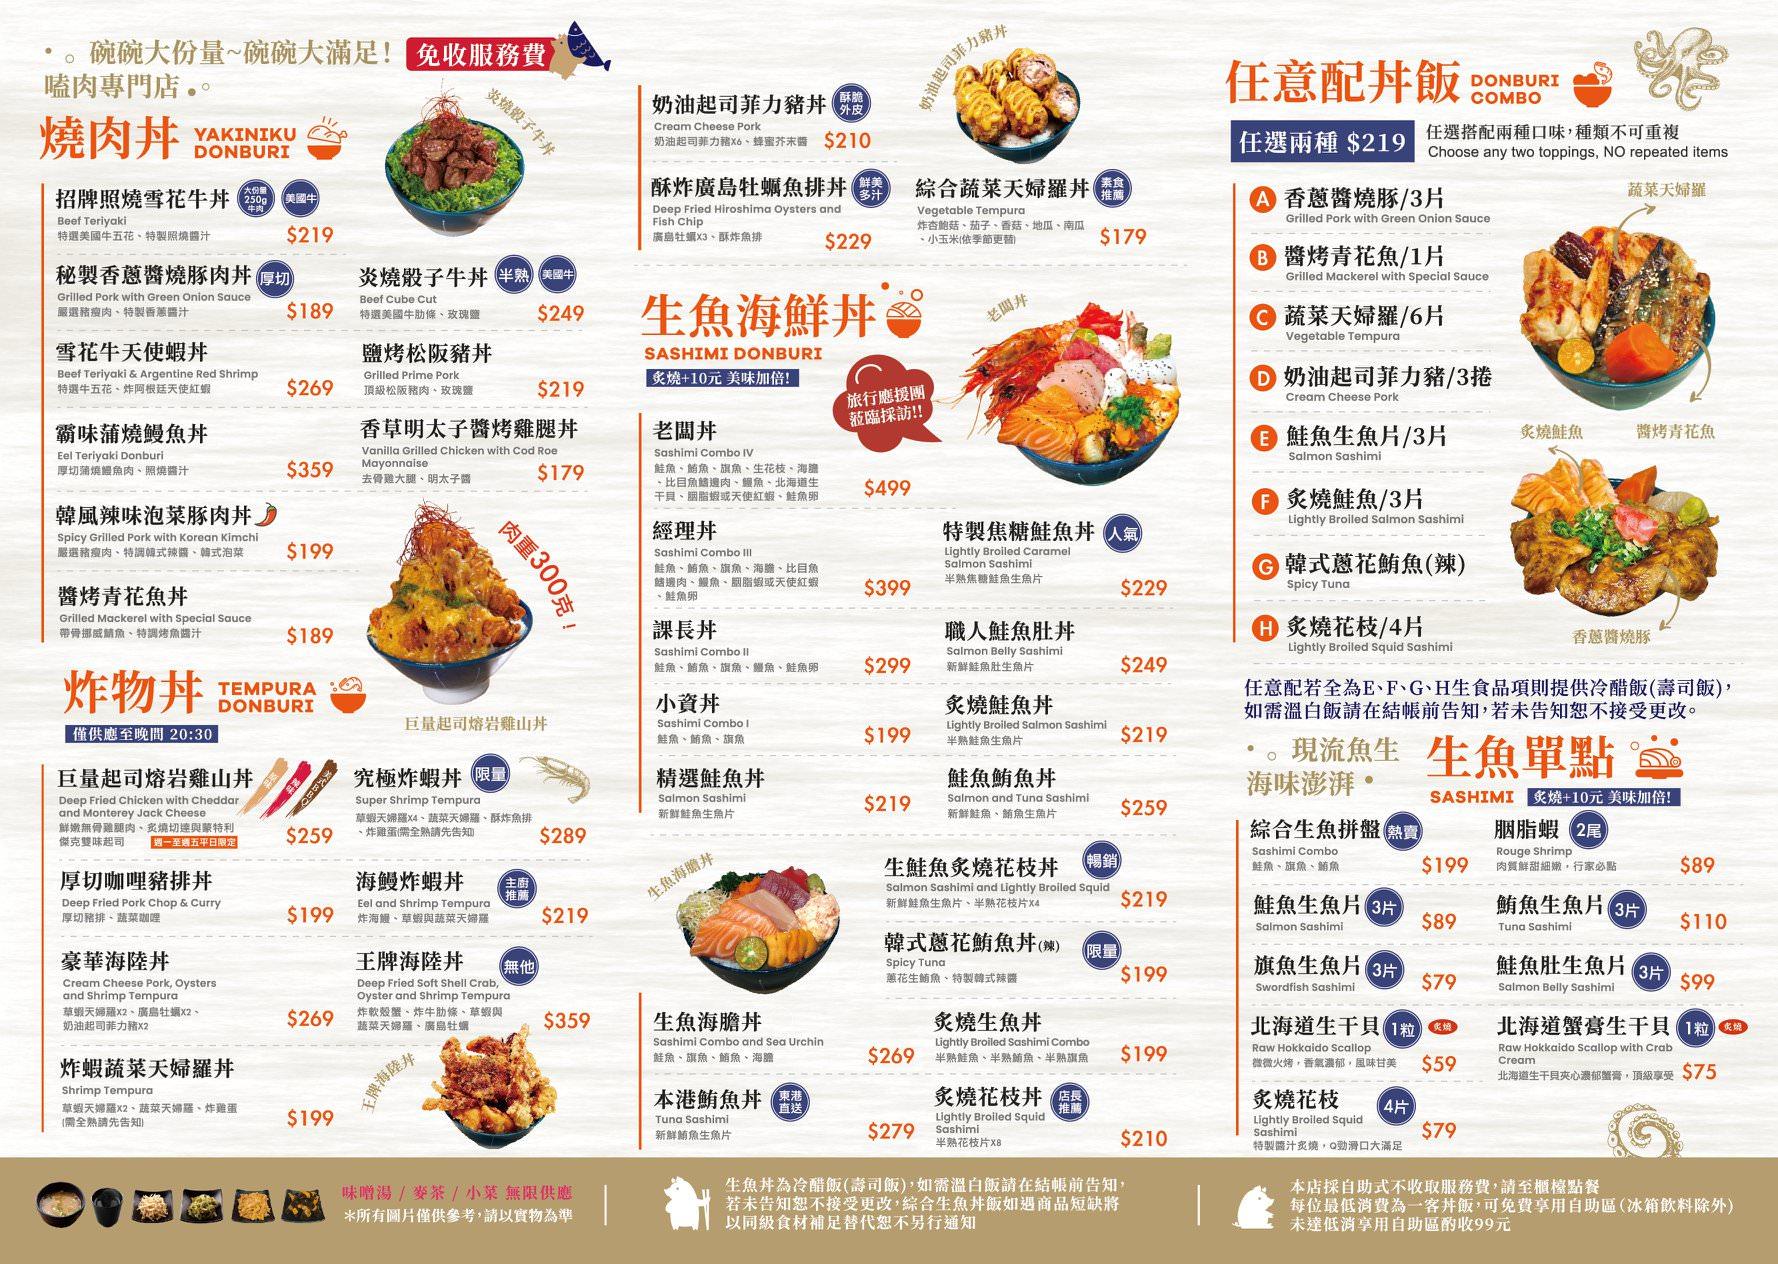 20190404233003 47 - 新莊美食 盛之丼 新莊超狂日式丼飯 配料滿到看不到飯了